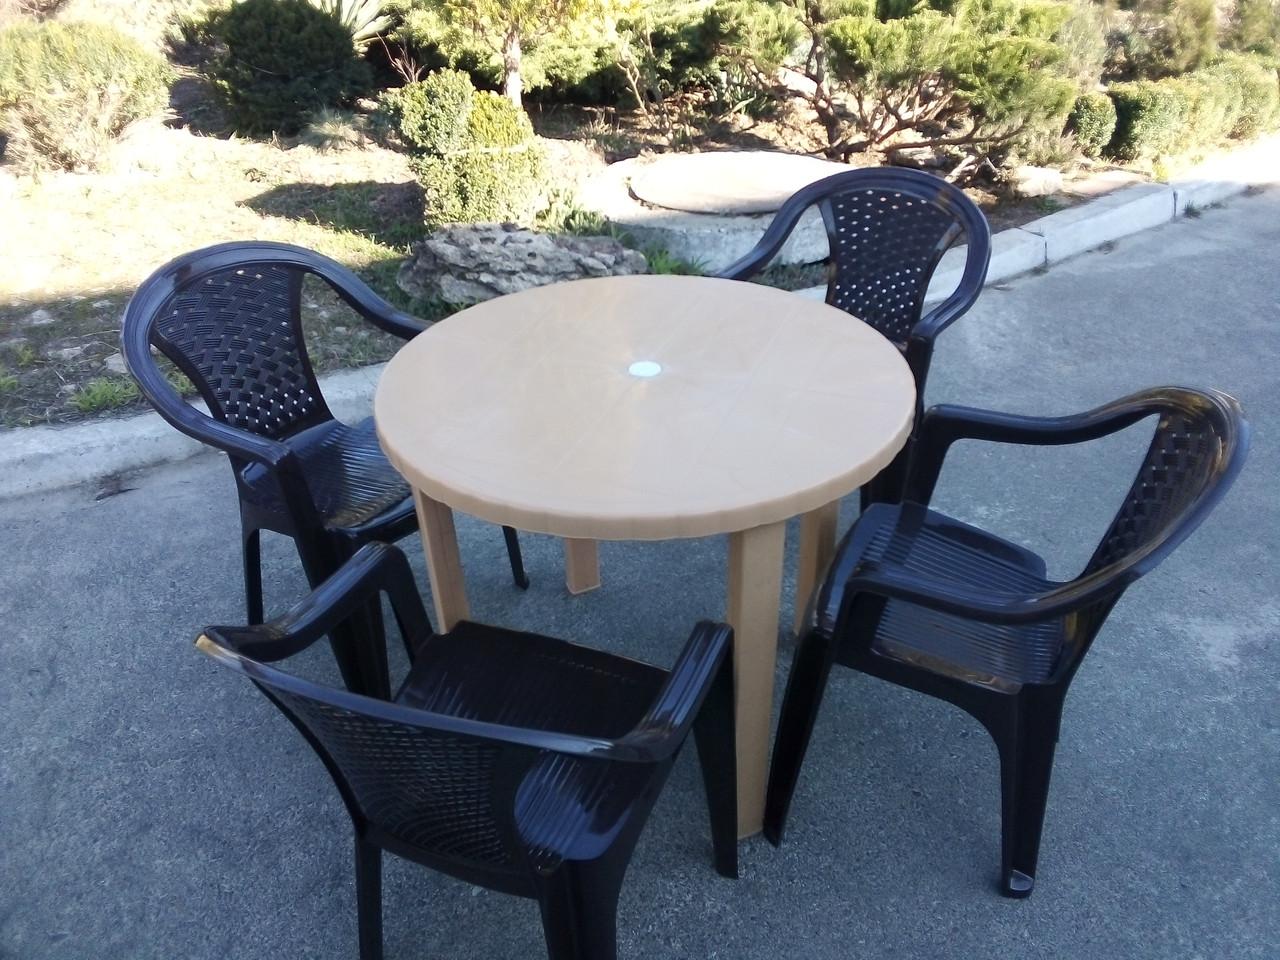 Комплект пластиковой мебели! Стол + 4 кресла!